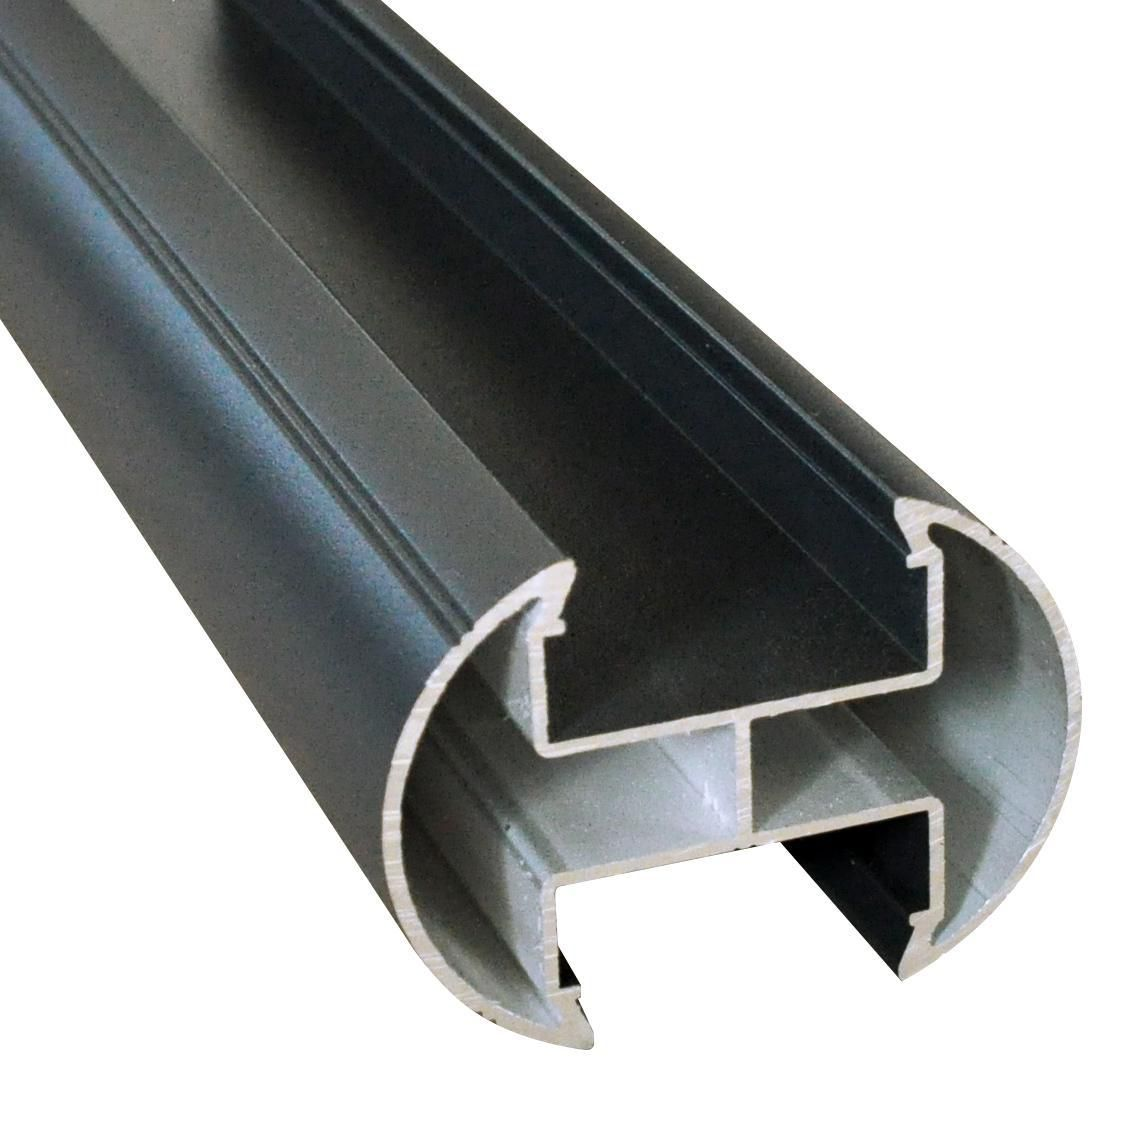 Point p portail alu free dscf with point p portail alu - Poteau aluminium pour cloture ...